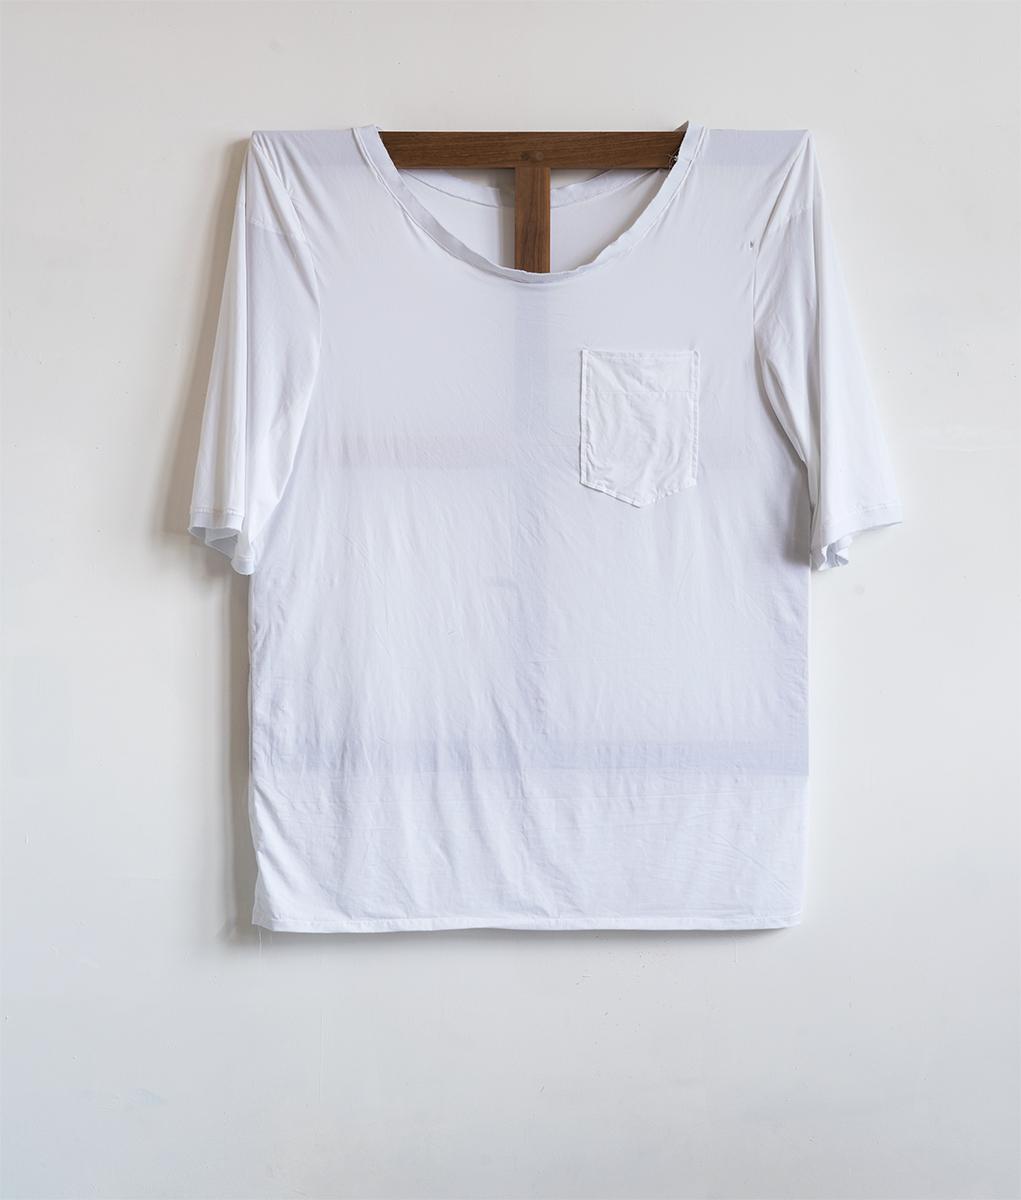 Plain White Tee, 2015 142,2 x 121,9 cm Cotton on Walnut Frame